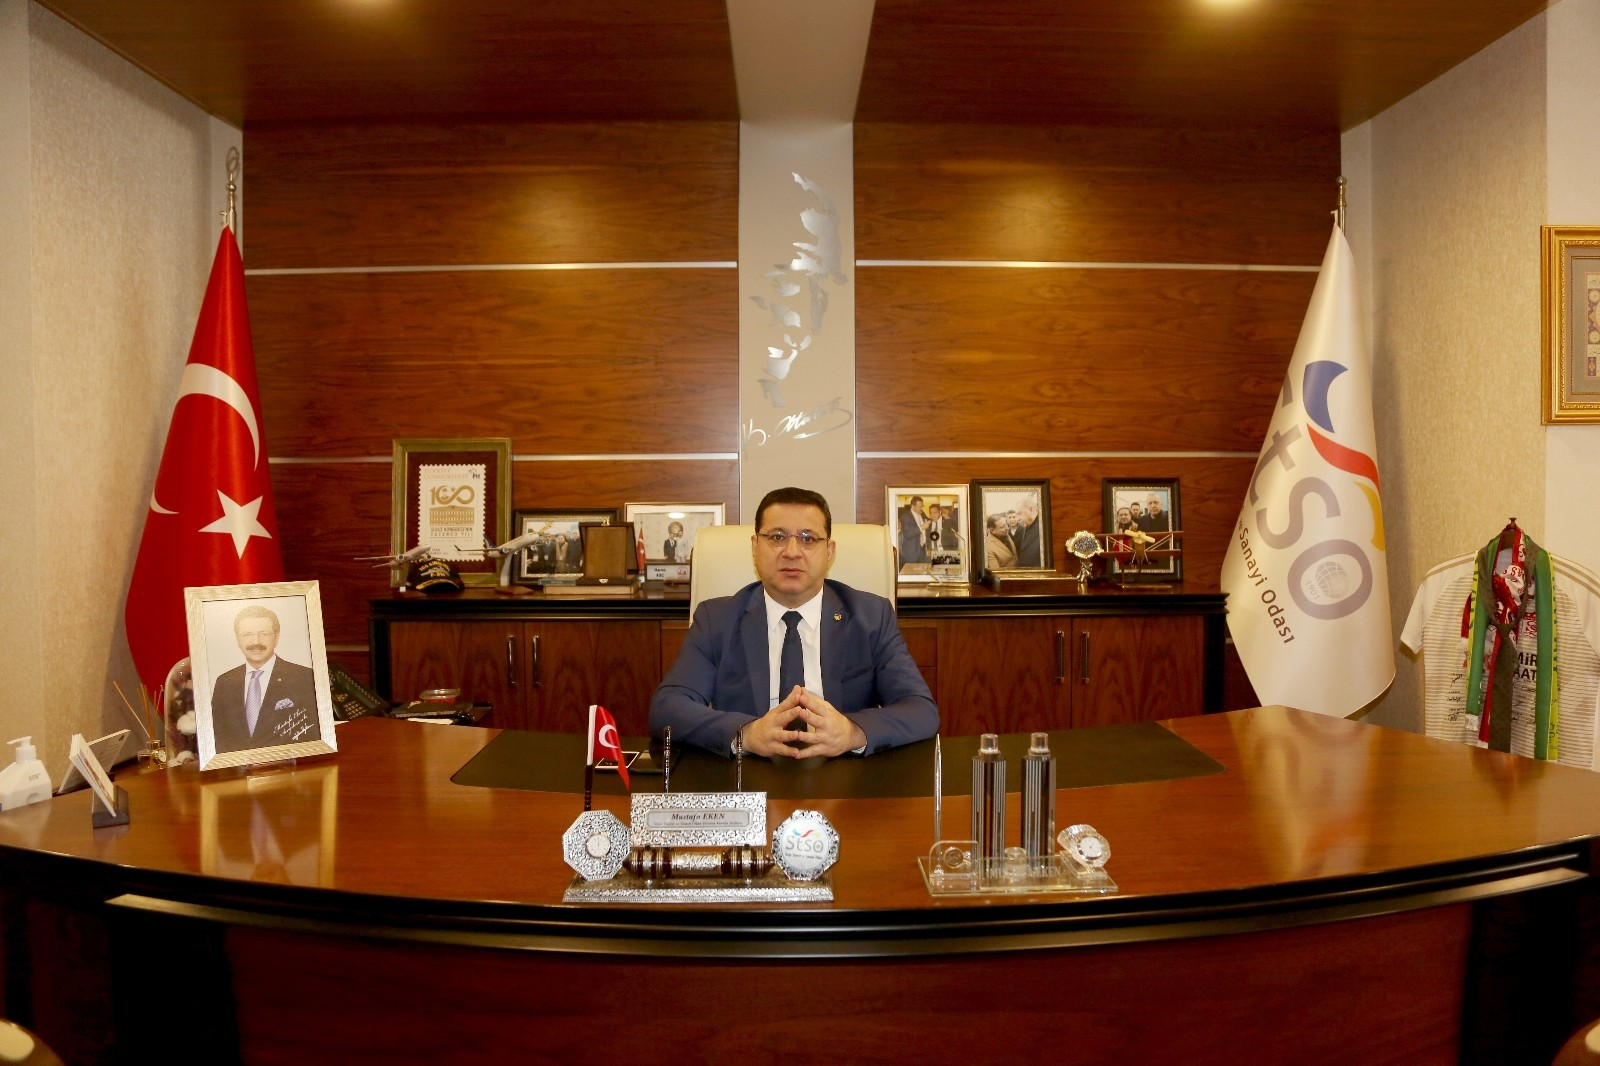 2021 yılının ilk çeyreğinde Sivas'ta 19 milyon 535 bin dolarlık ihracat gerçekleştirildi